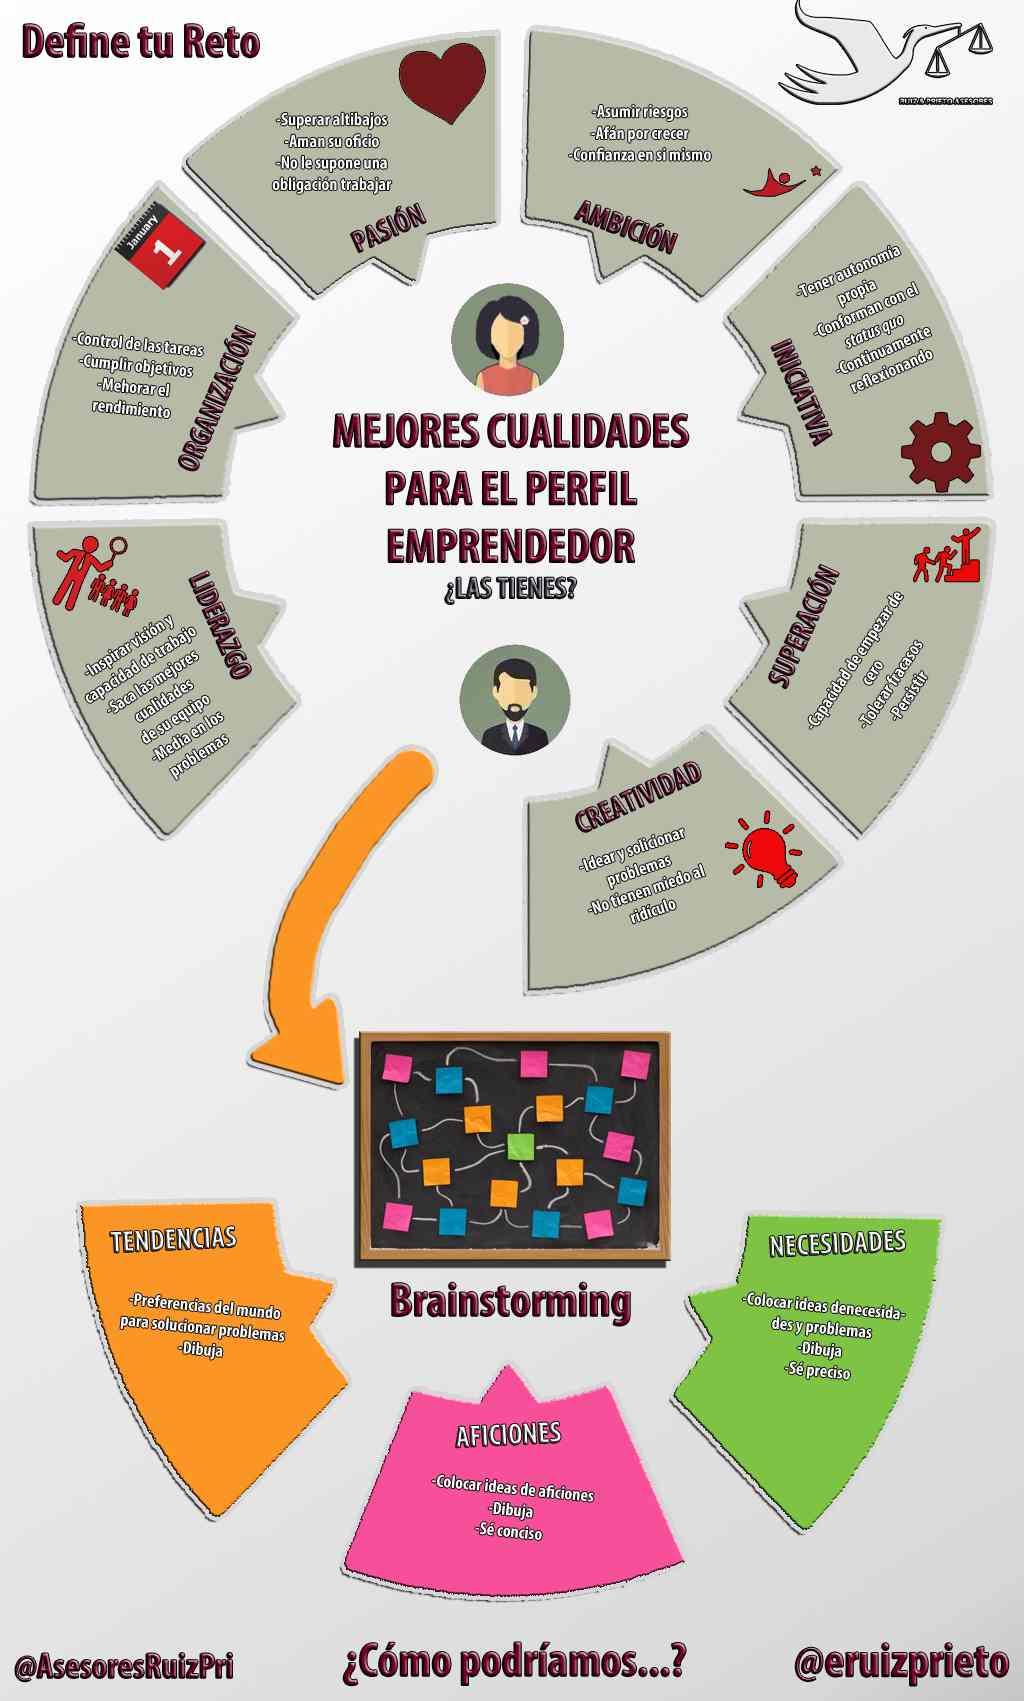 ¿Quieres ser emprendedor y no sabes por donde comenzar? Aprende a definir tu reto emprendedor